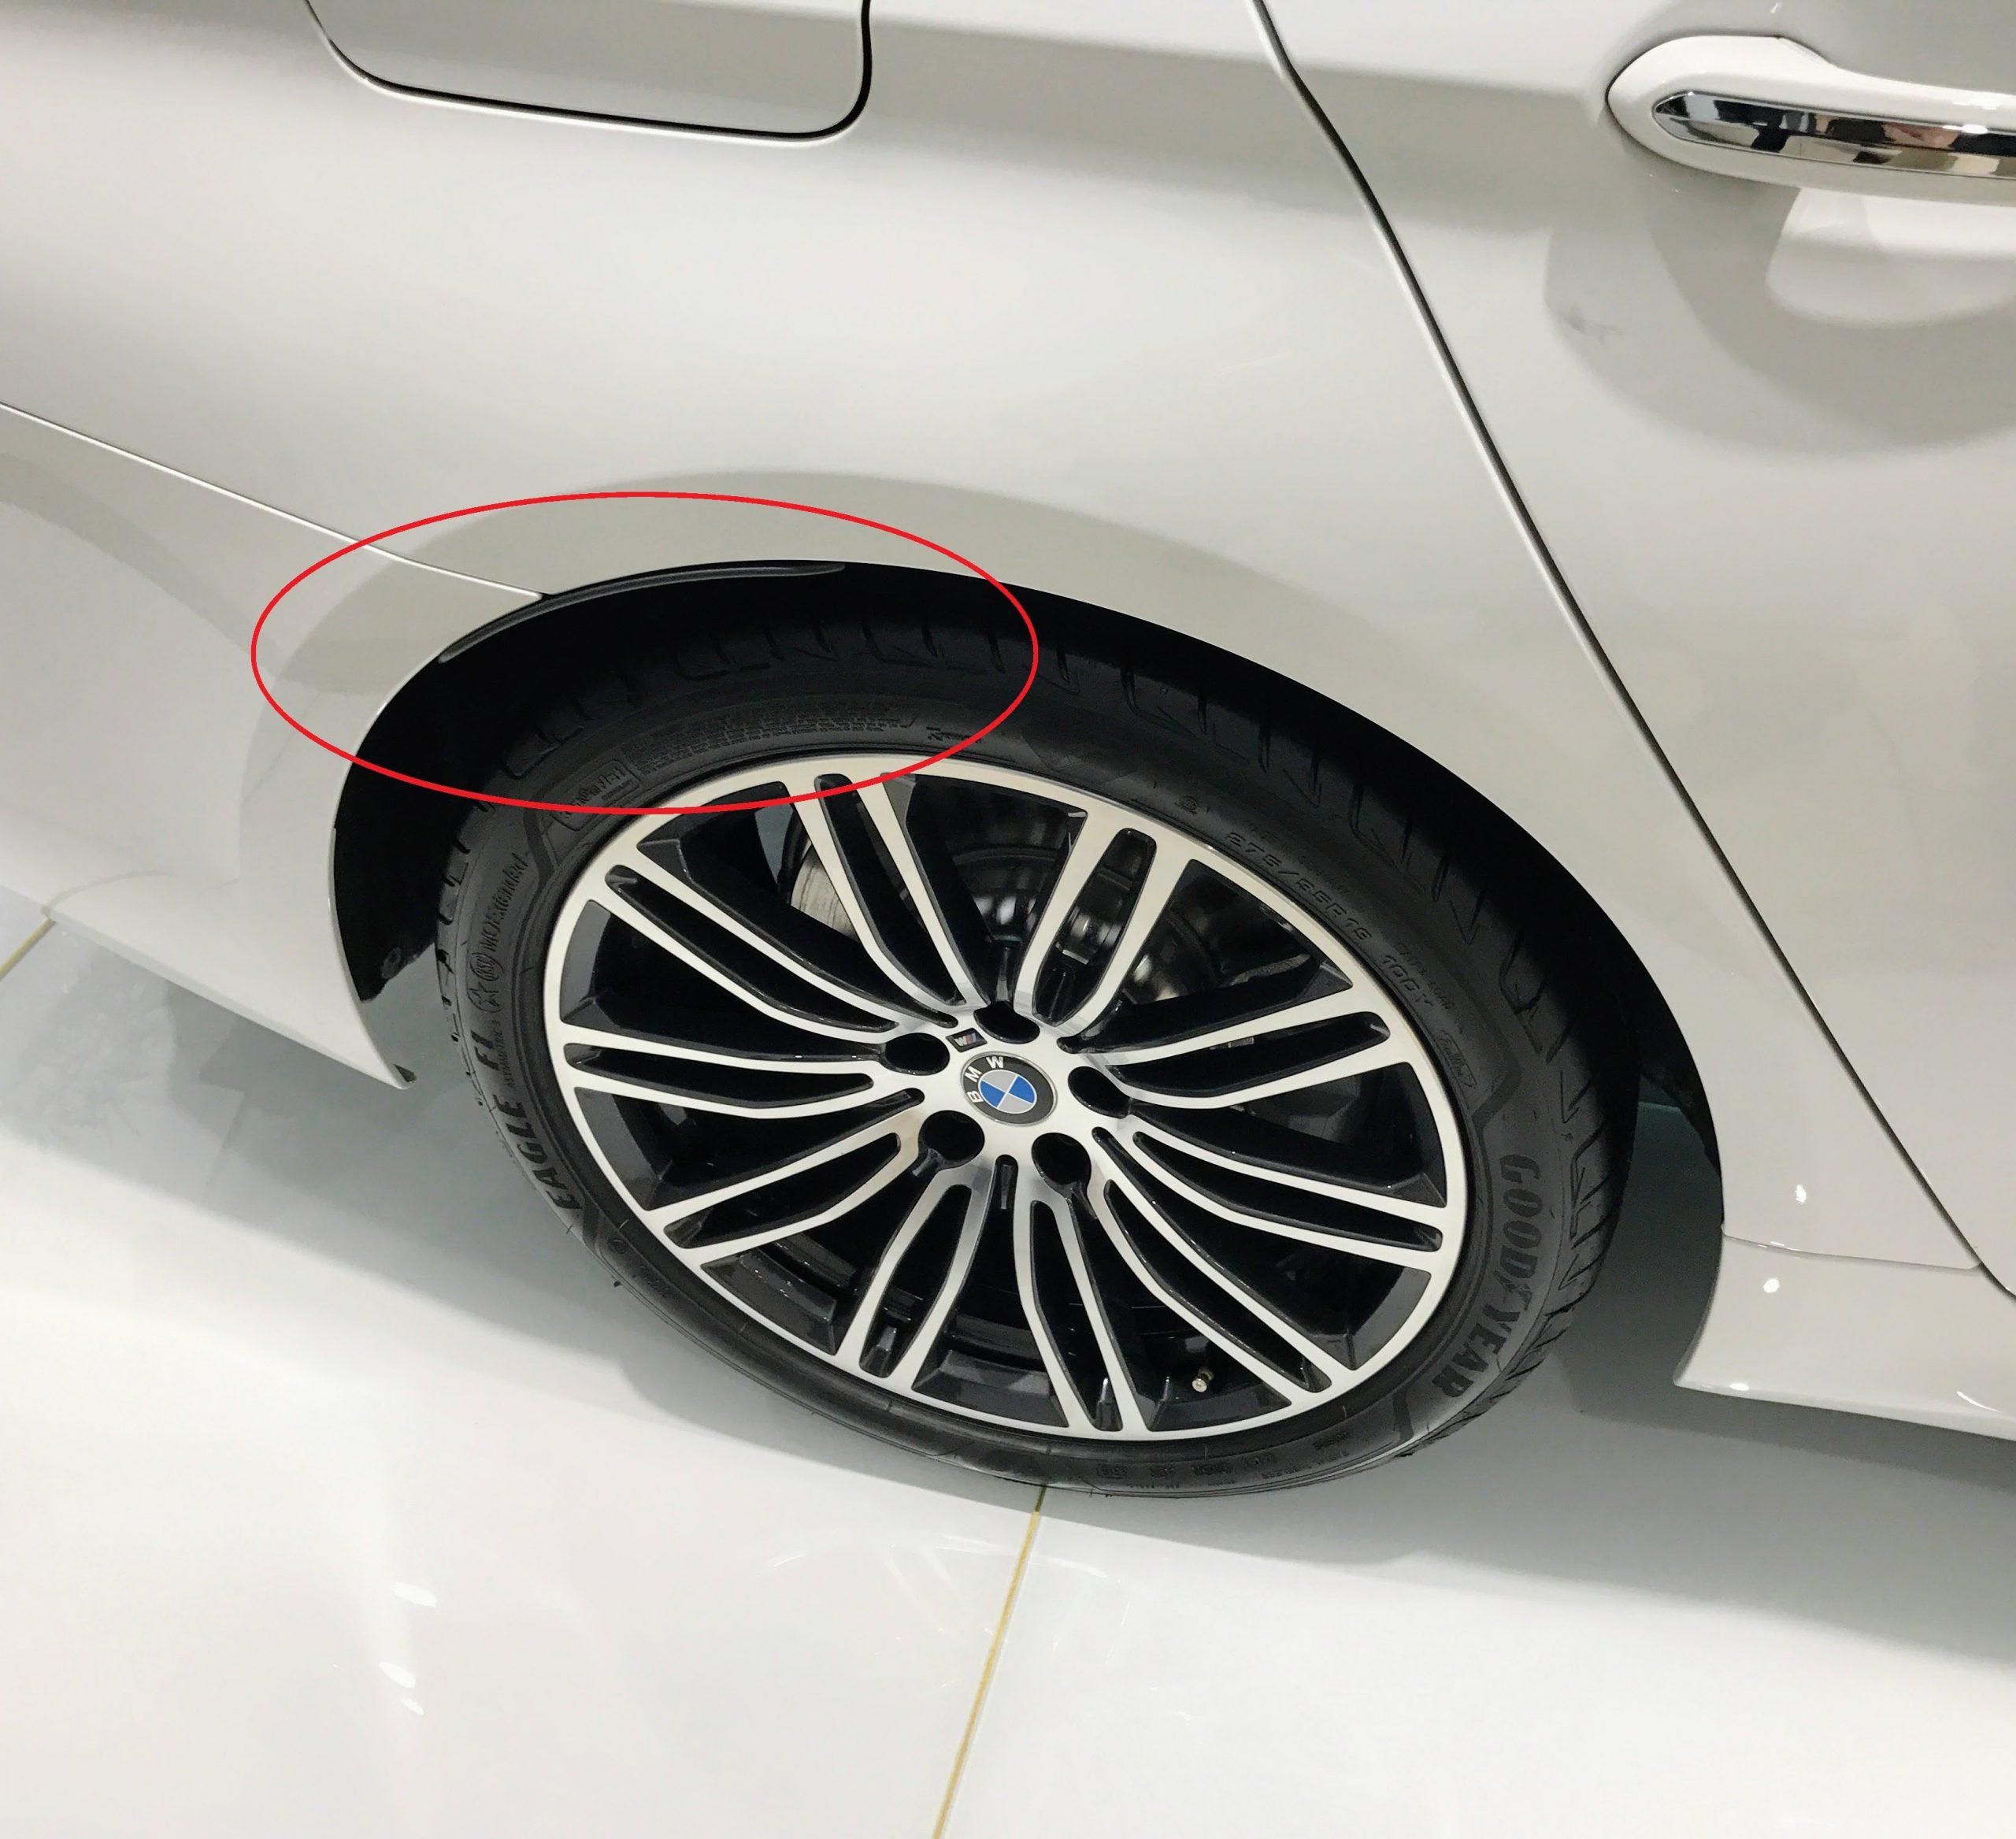 日本のBMW車だけに装備されているダサいフェンダーモールが新型5シリーズから改善の方向へ^^